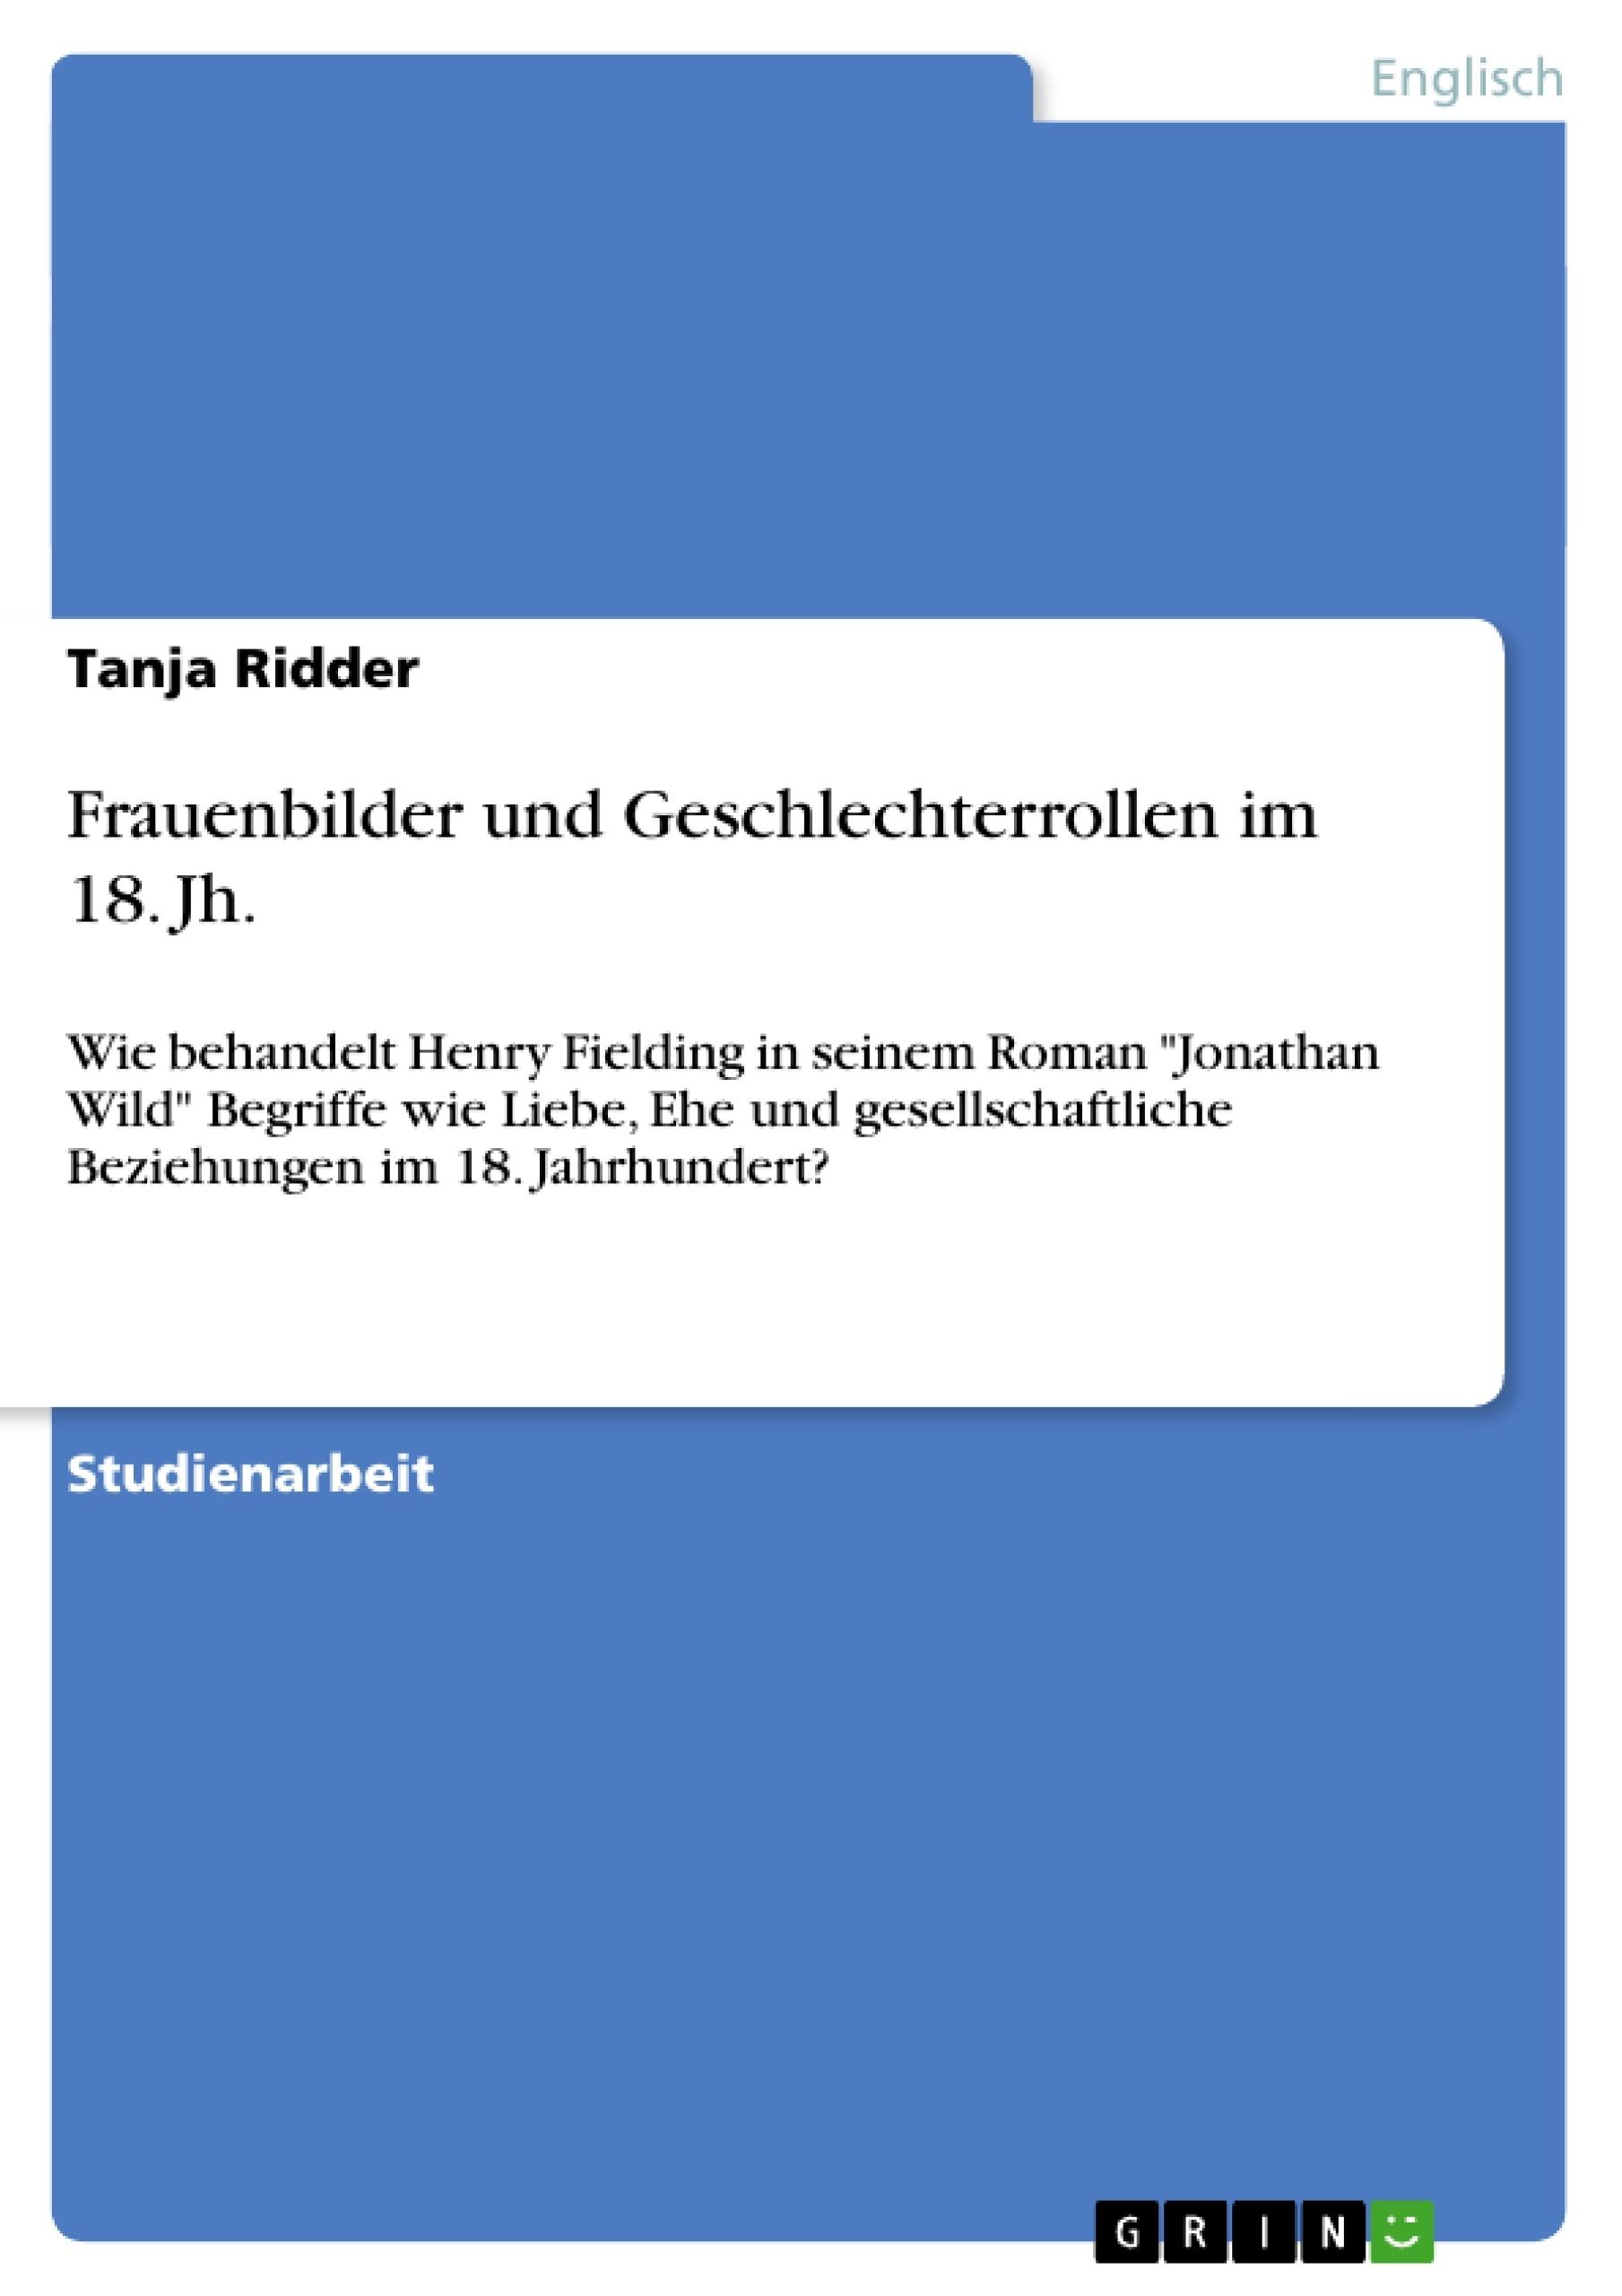 Titel: Frauenbilder und Geschlechterrollen im 18. Jh.